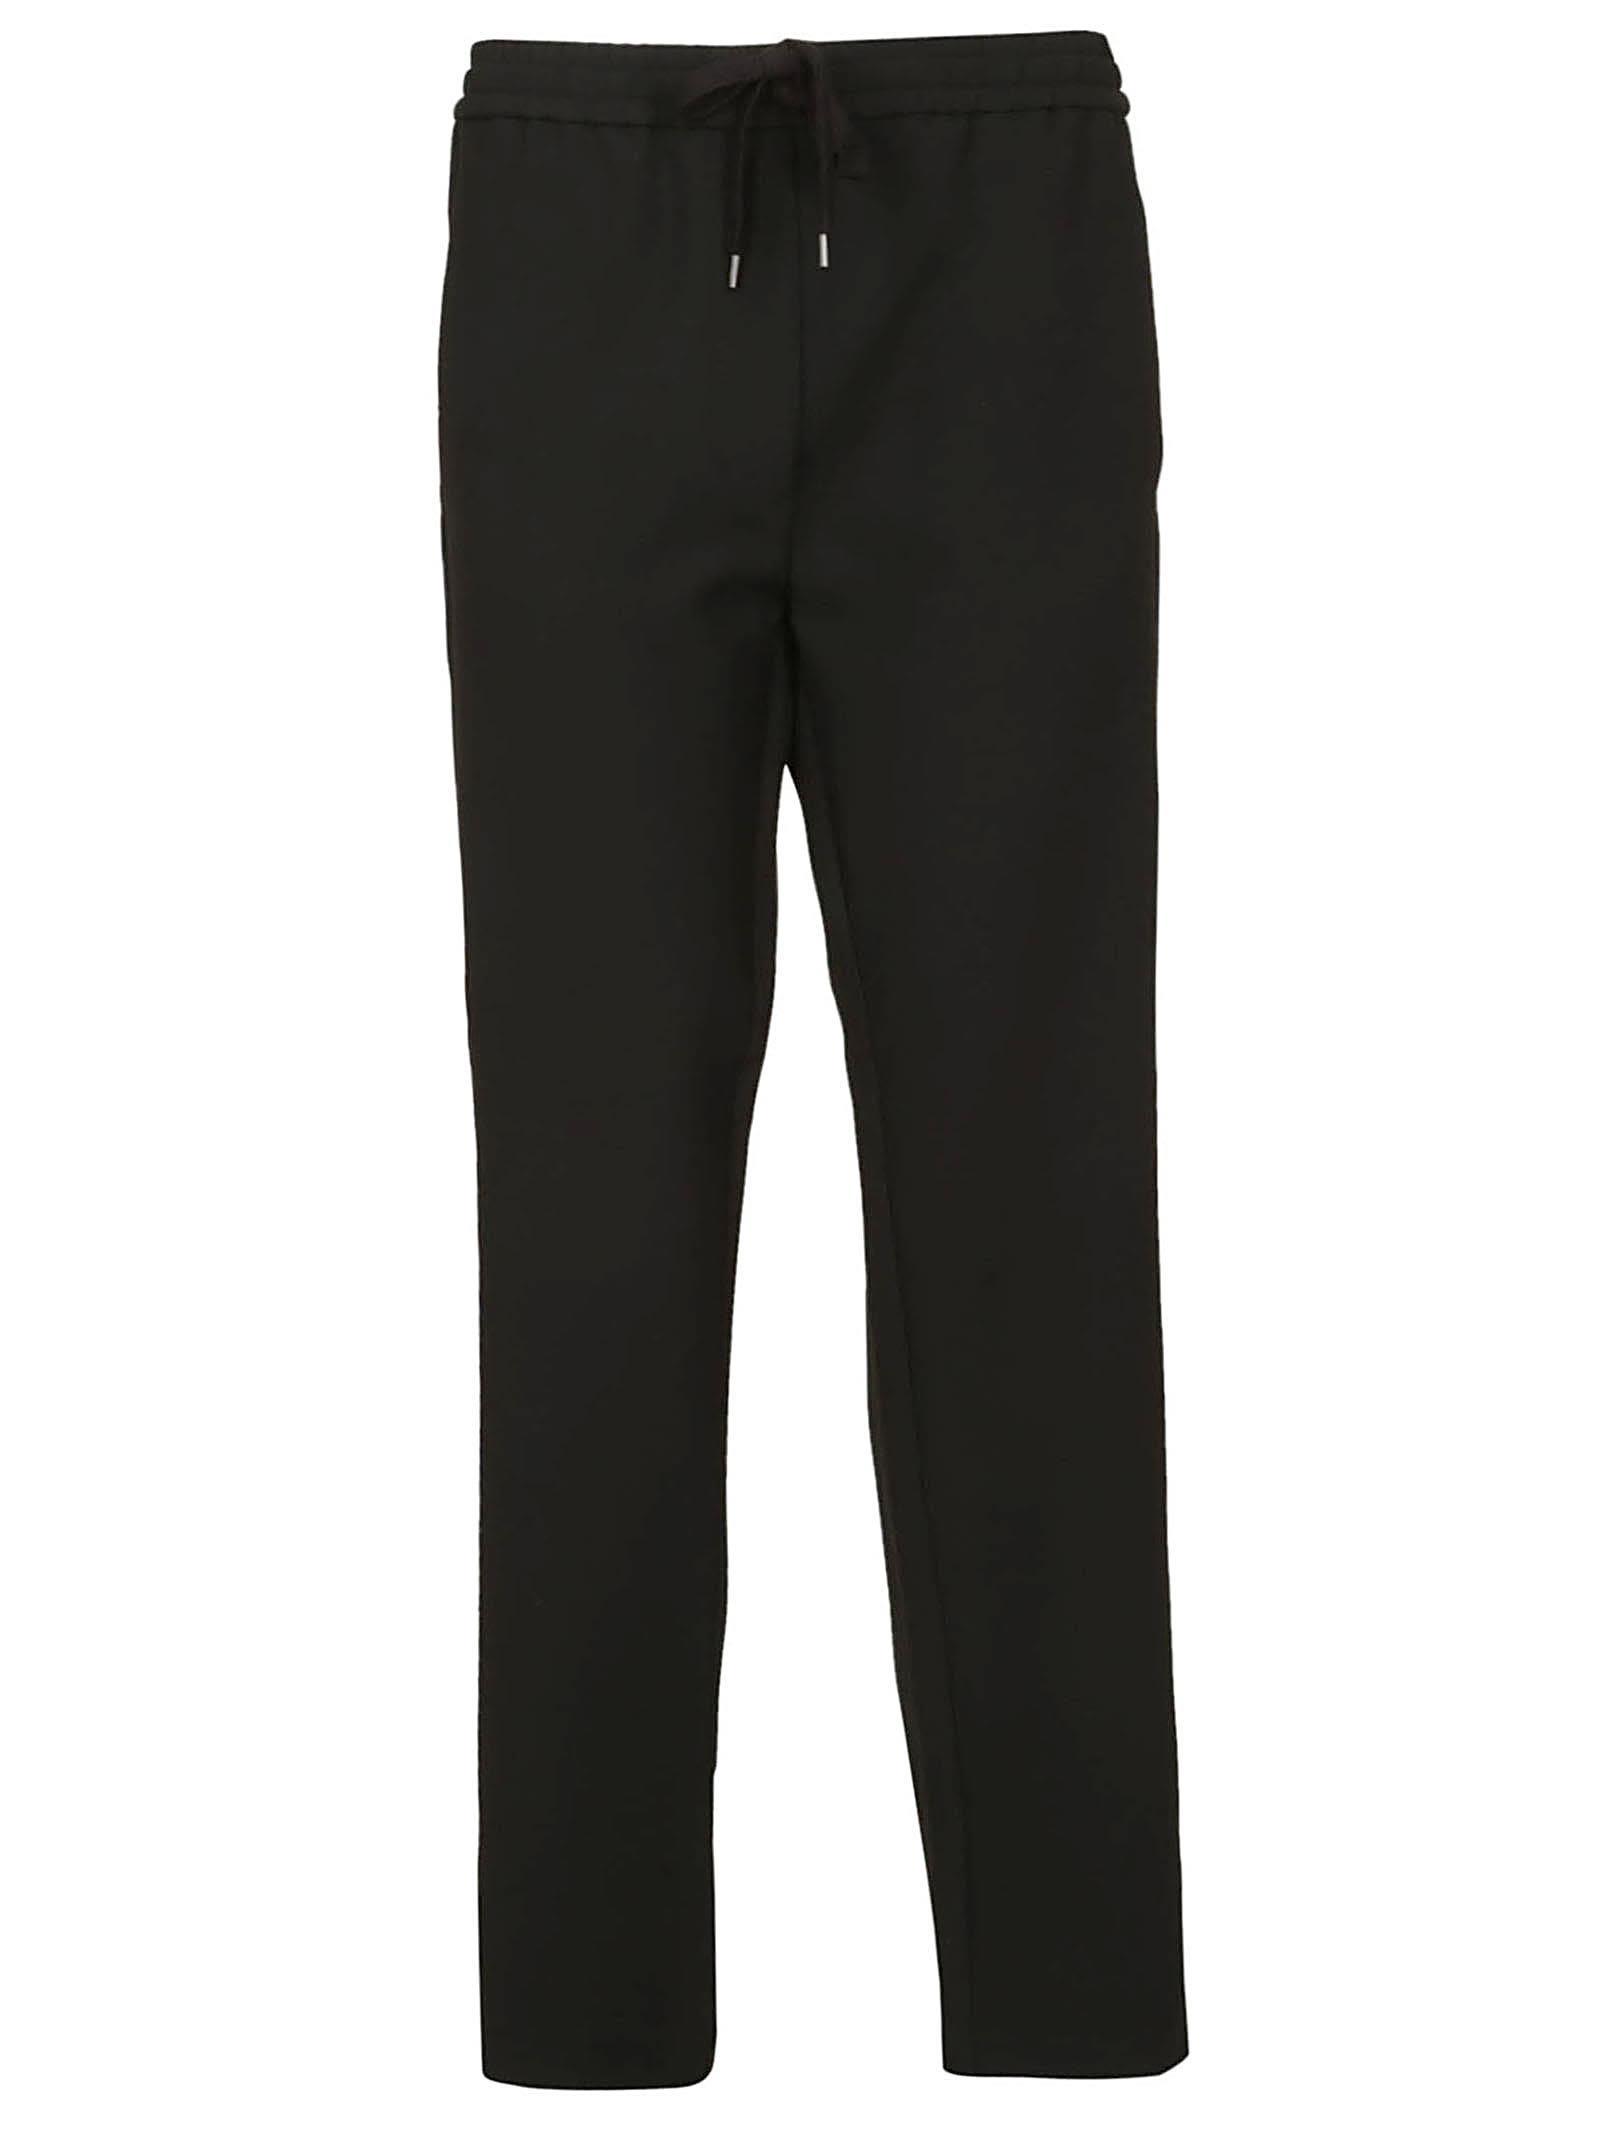 N.21 Side Stripe Track Pants